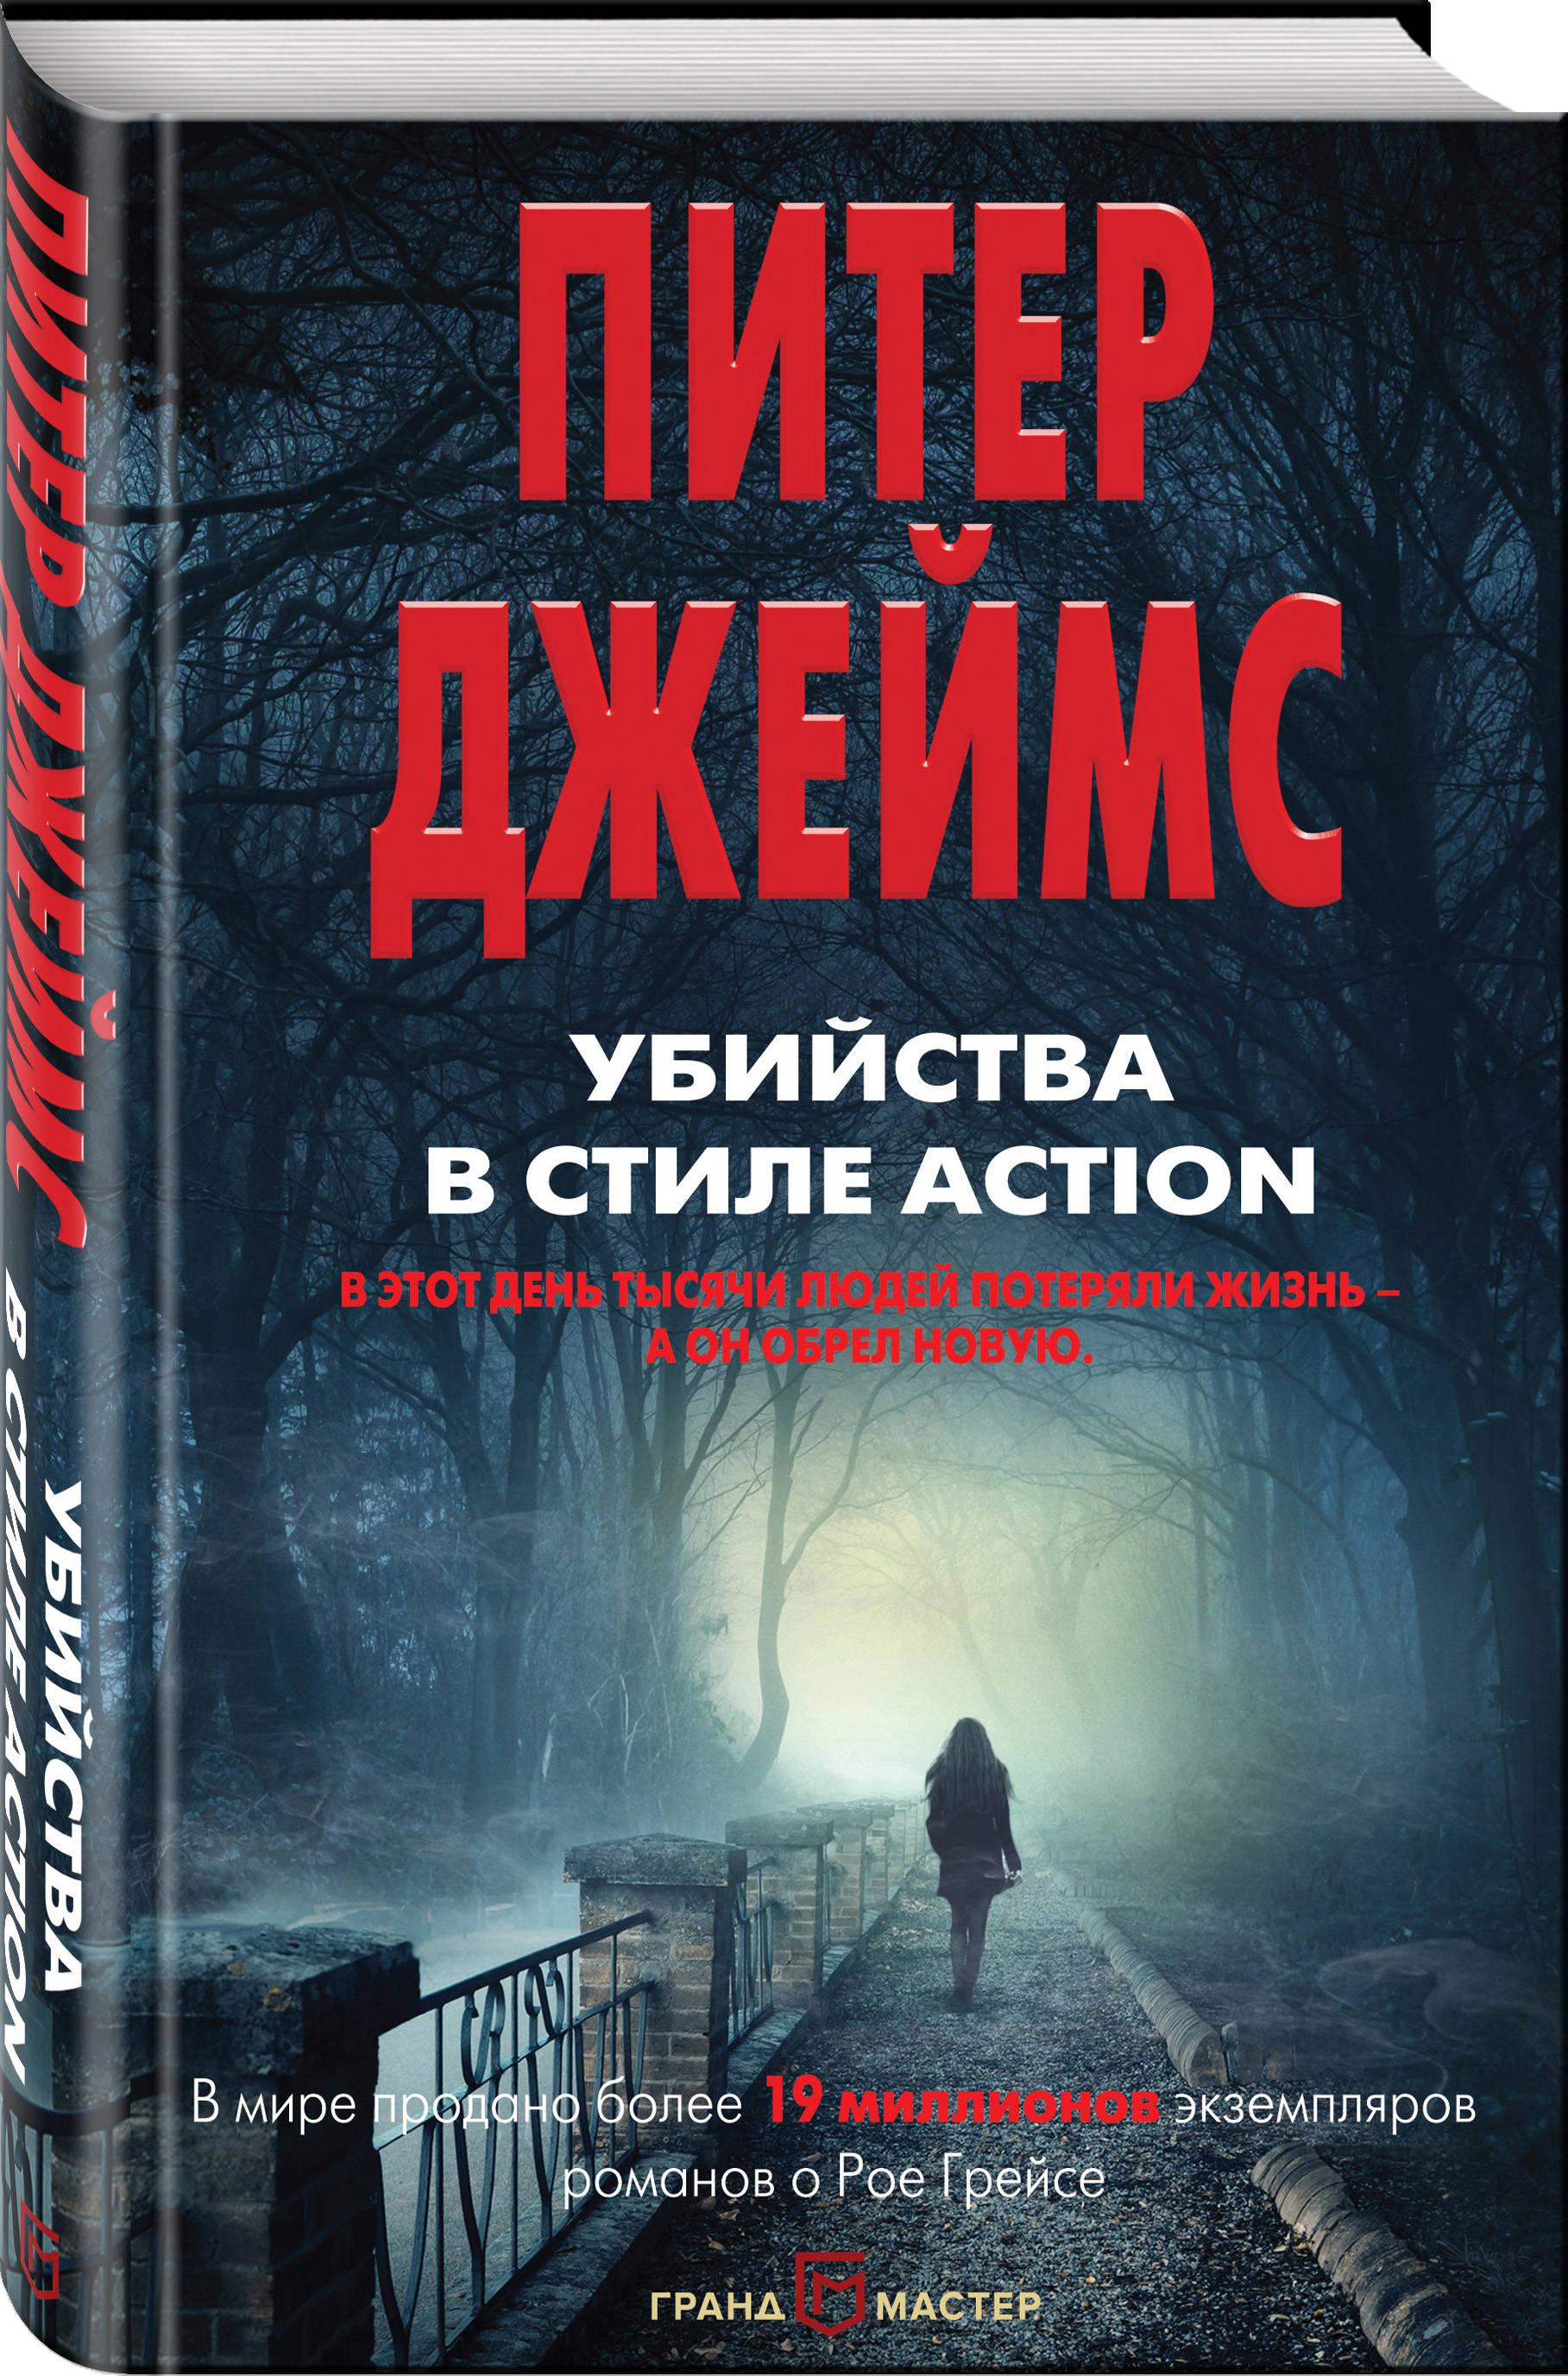 Убийства в стиле action. Питер Джеймс